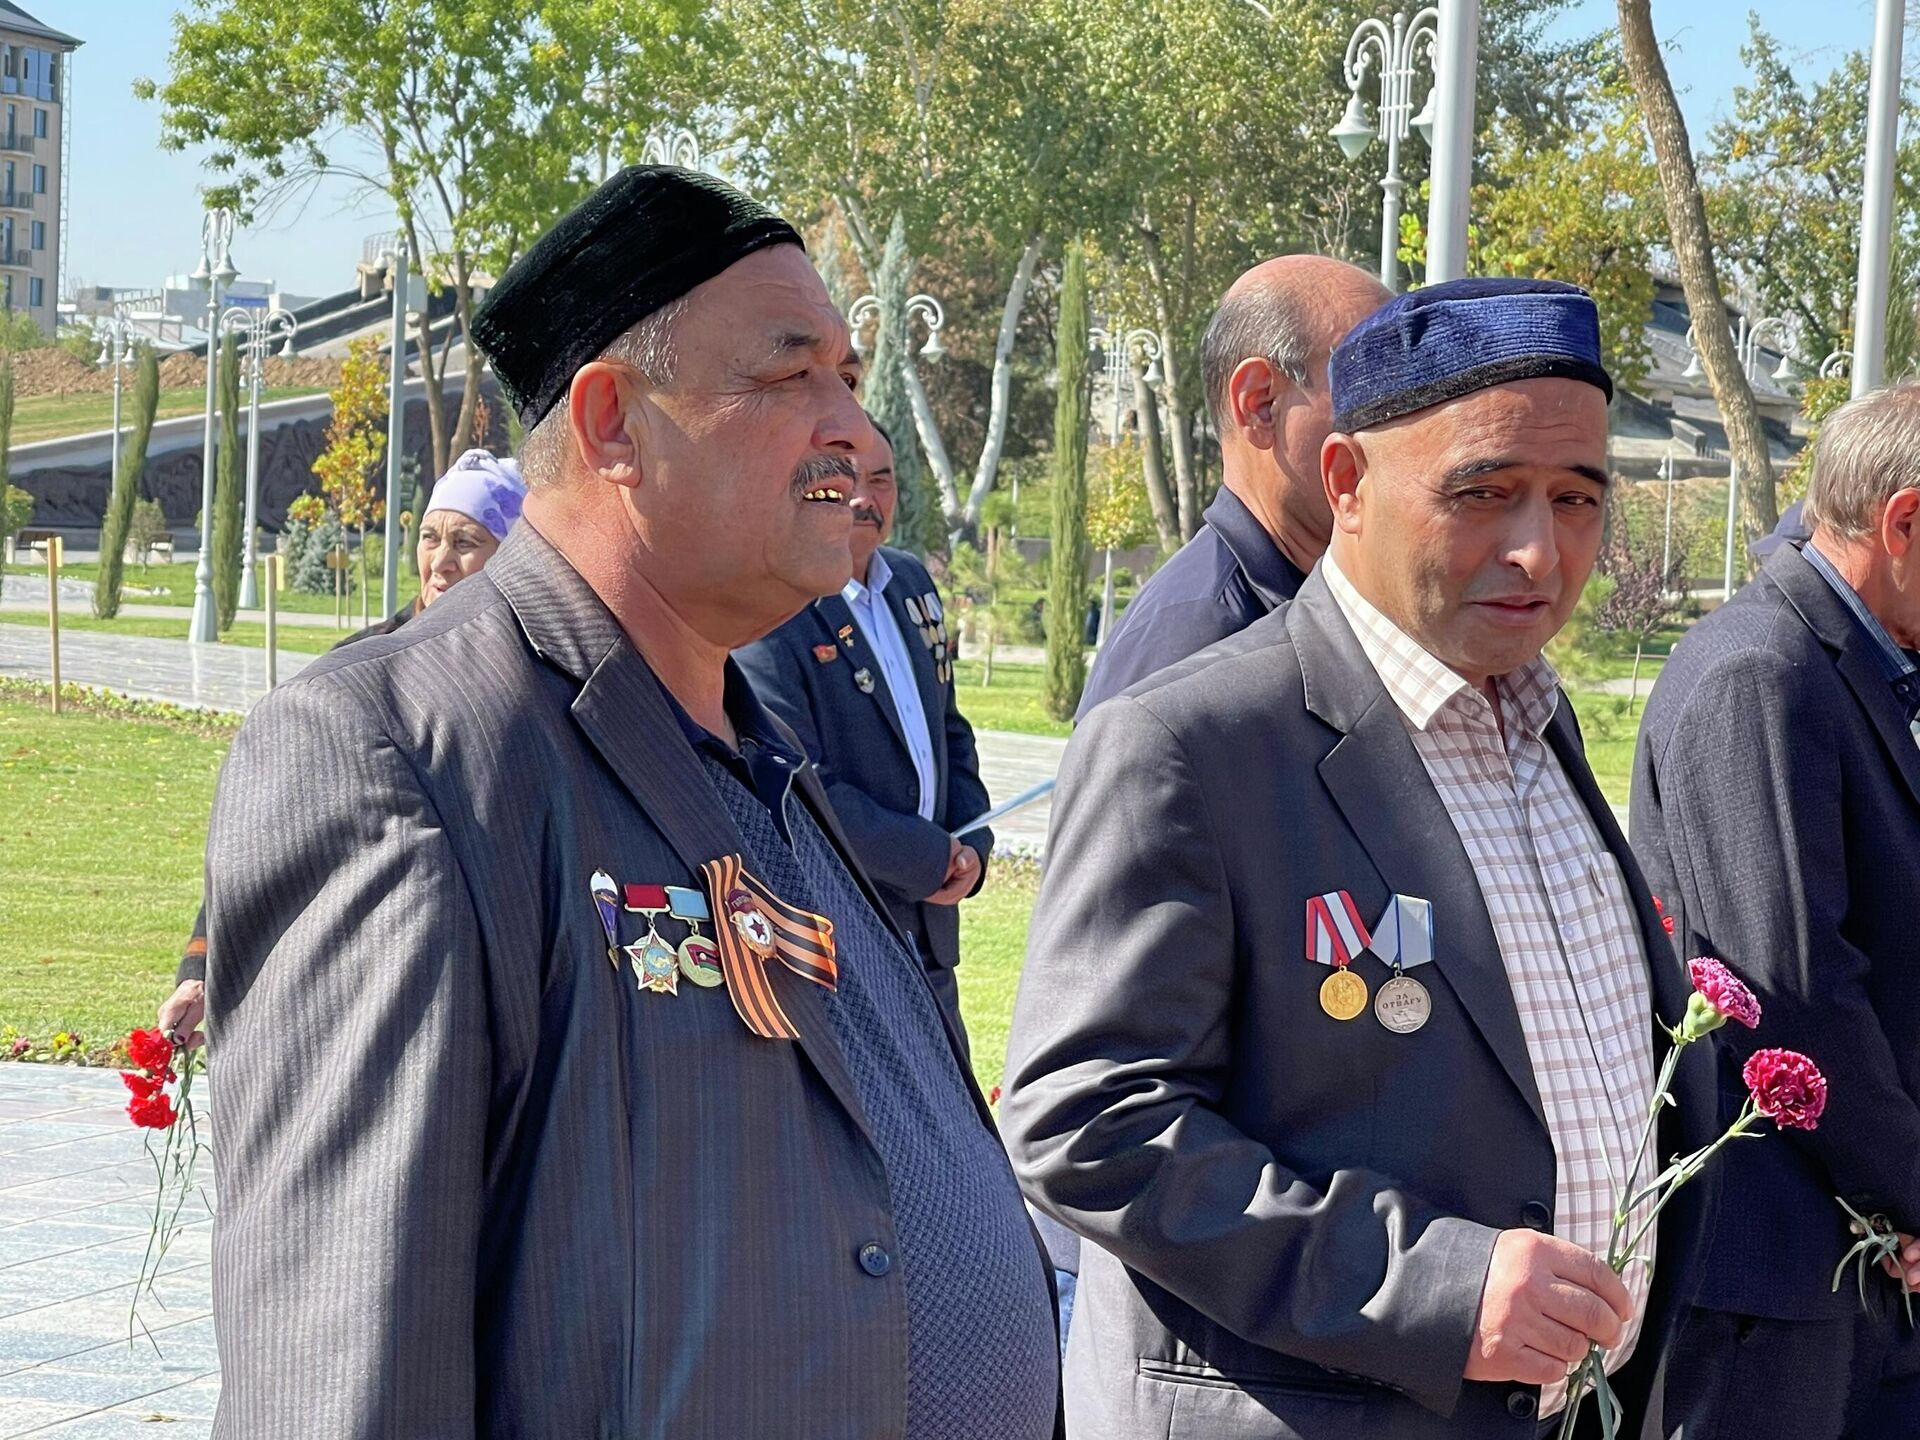 В Ташкенте провели торжественное мероприятие в честь воинов-интернационалистов - Sputnik Ўзбекистон, 1920, 12.10.2021